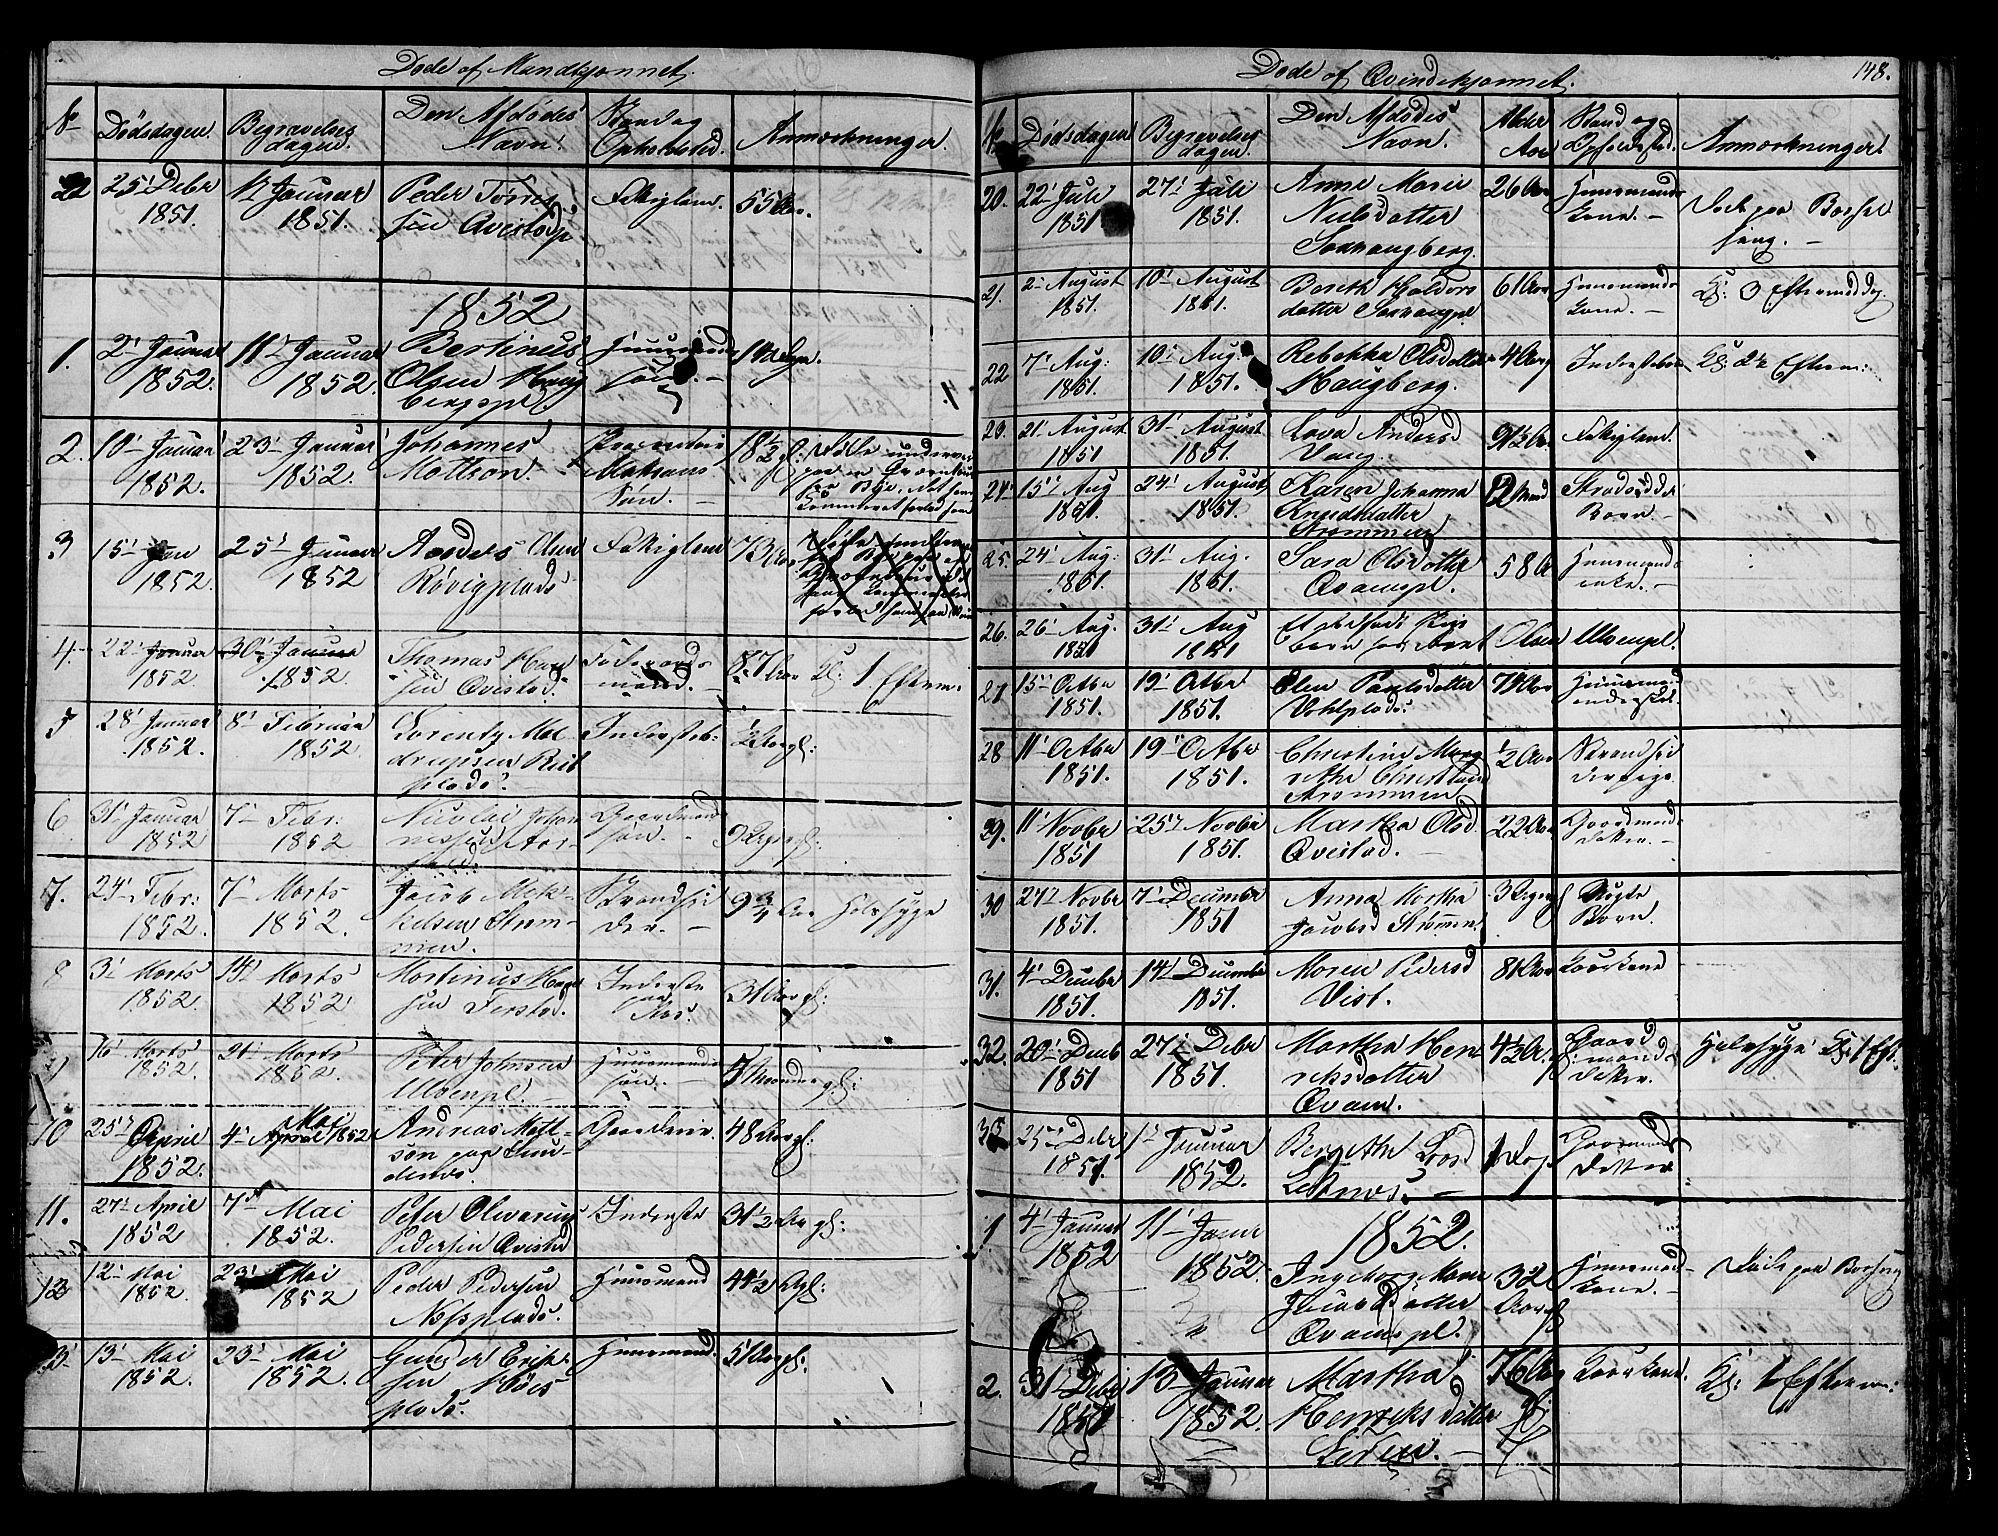 SAT, Ministerialprotokoller, klokkerbøker og fødselsregistre - Nord-Trøndelag, 730/L0299: Klokkerbok nr. 730C02, 1849-1871, s. 148